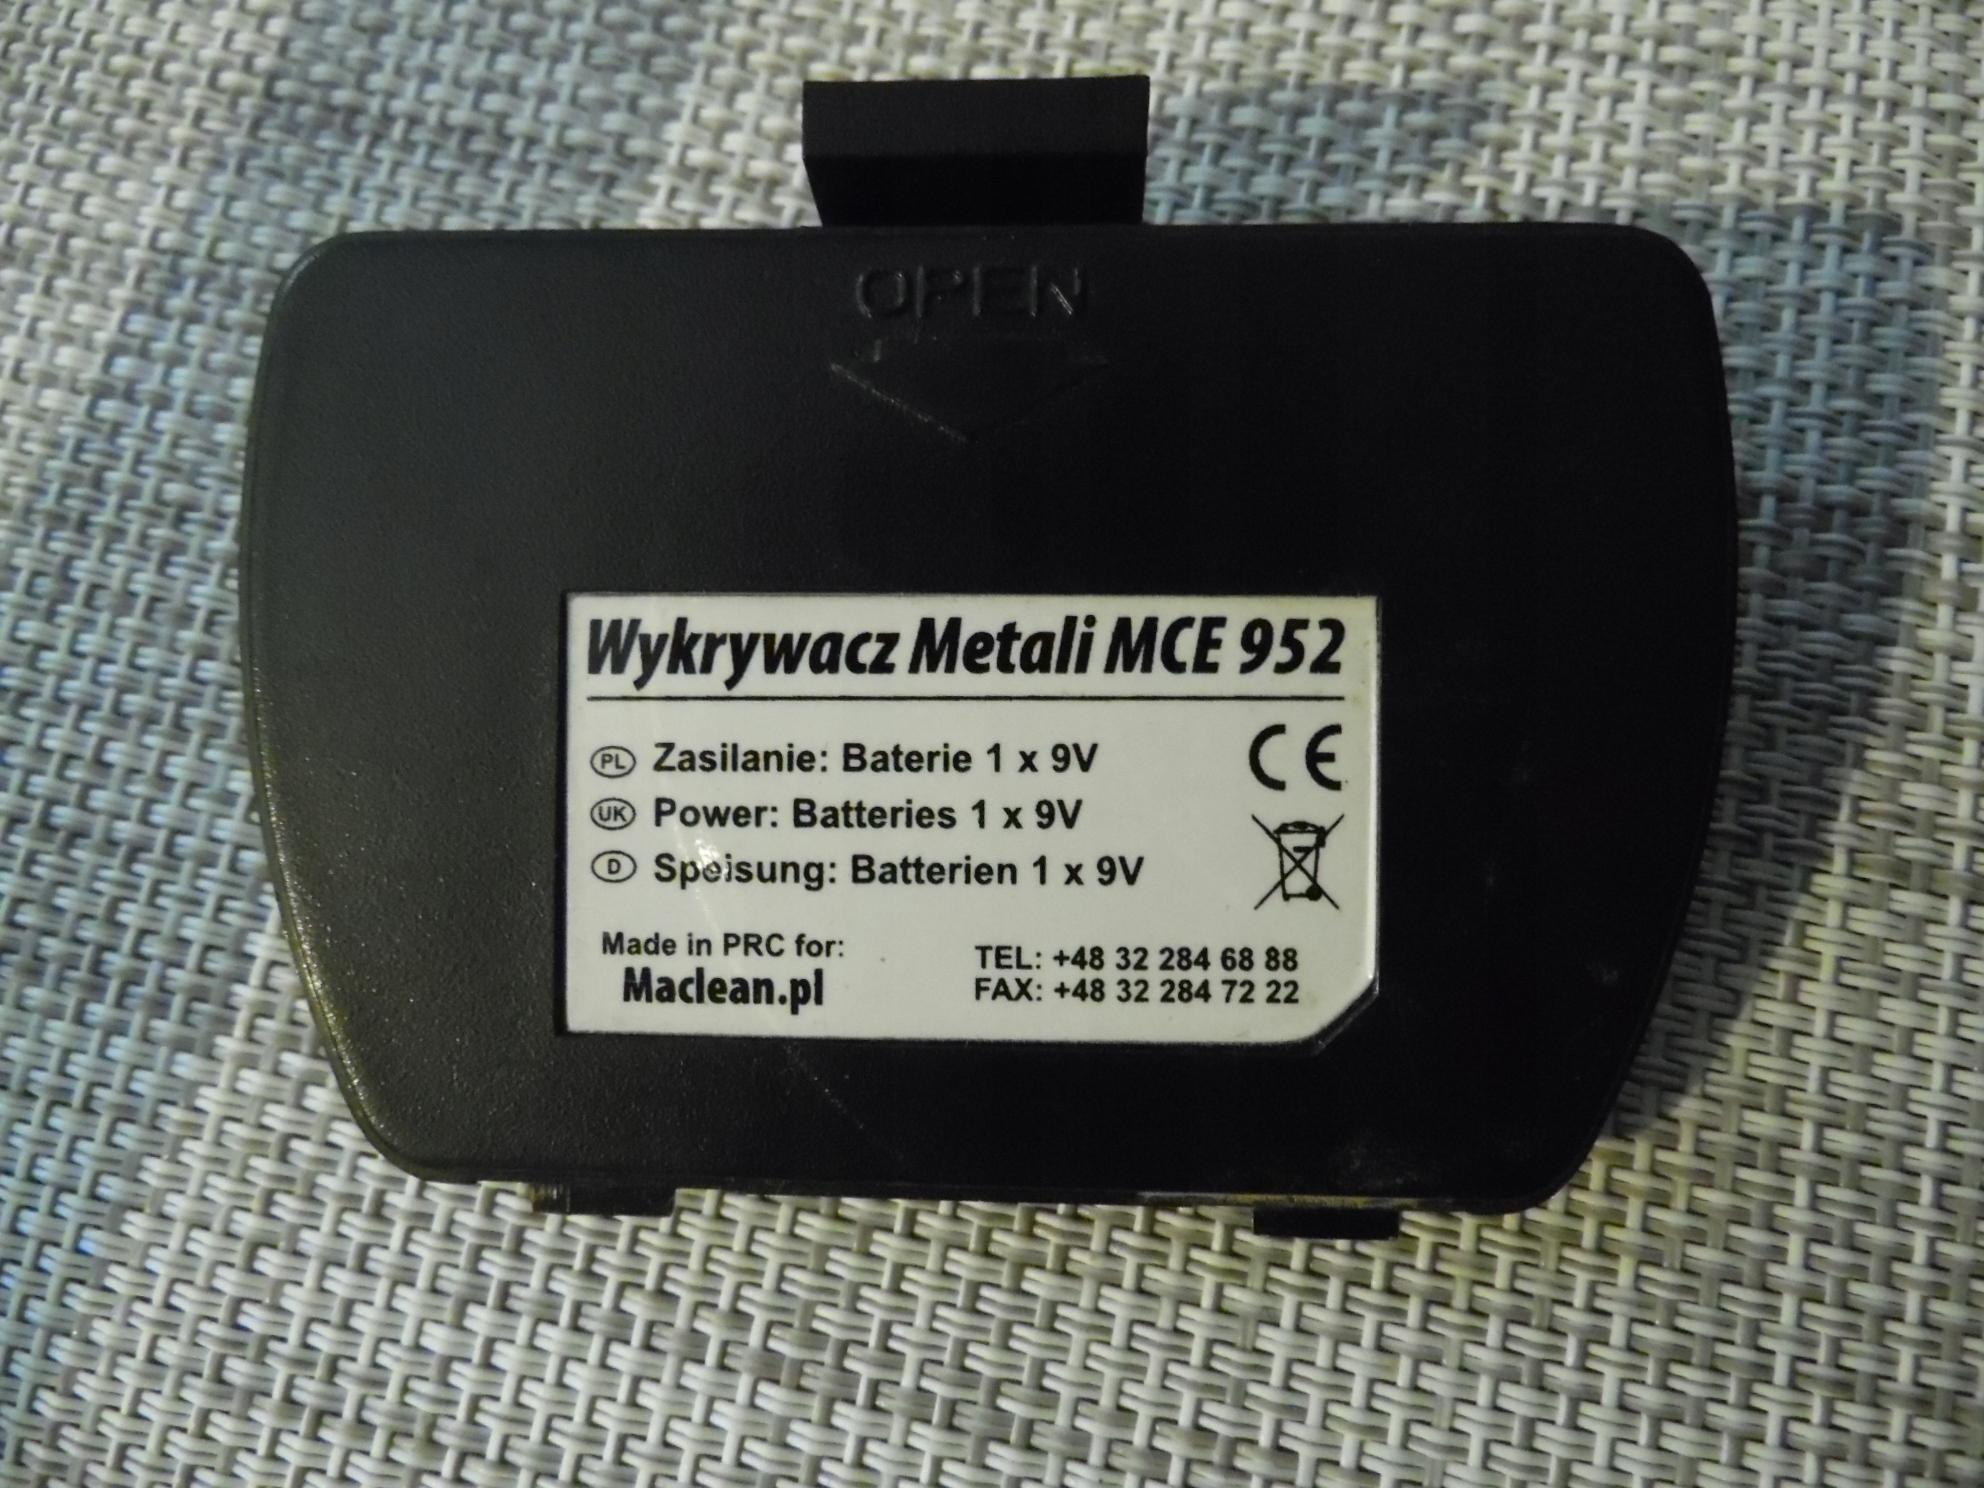 Wykrywacz Metali MCE952